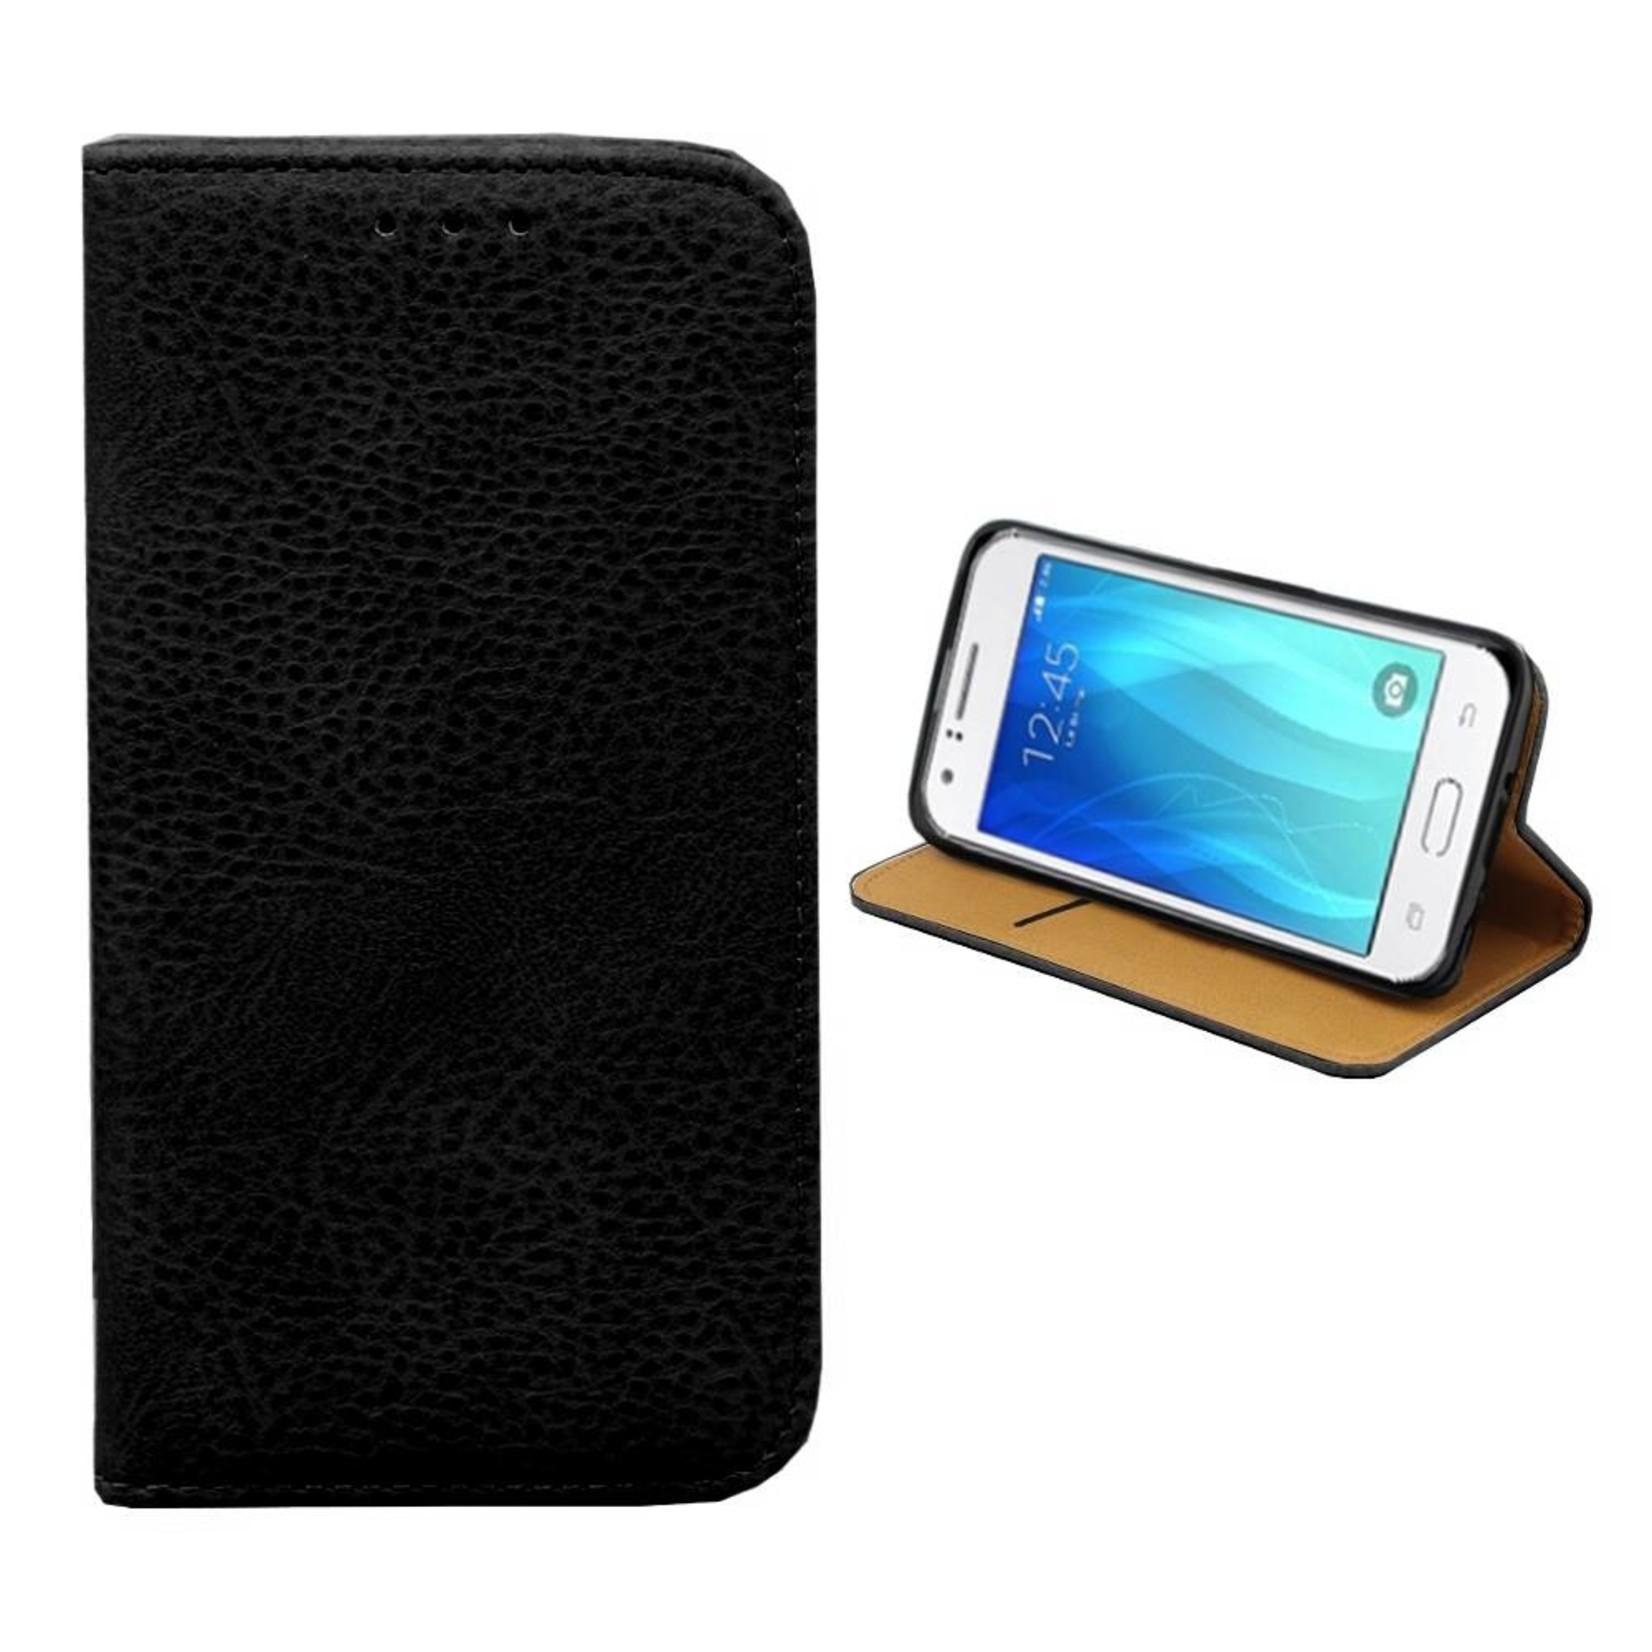 Colorfone Hoesje Book voor Samsung Galaxy J1 Ace Zwart